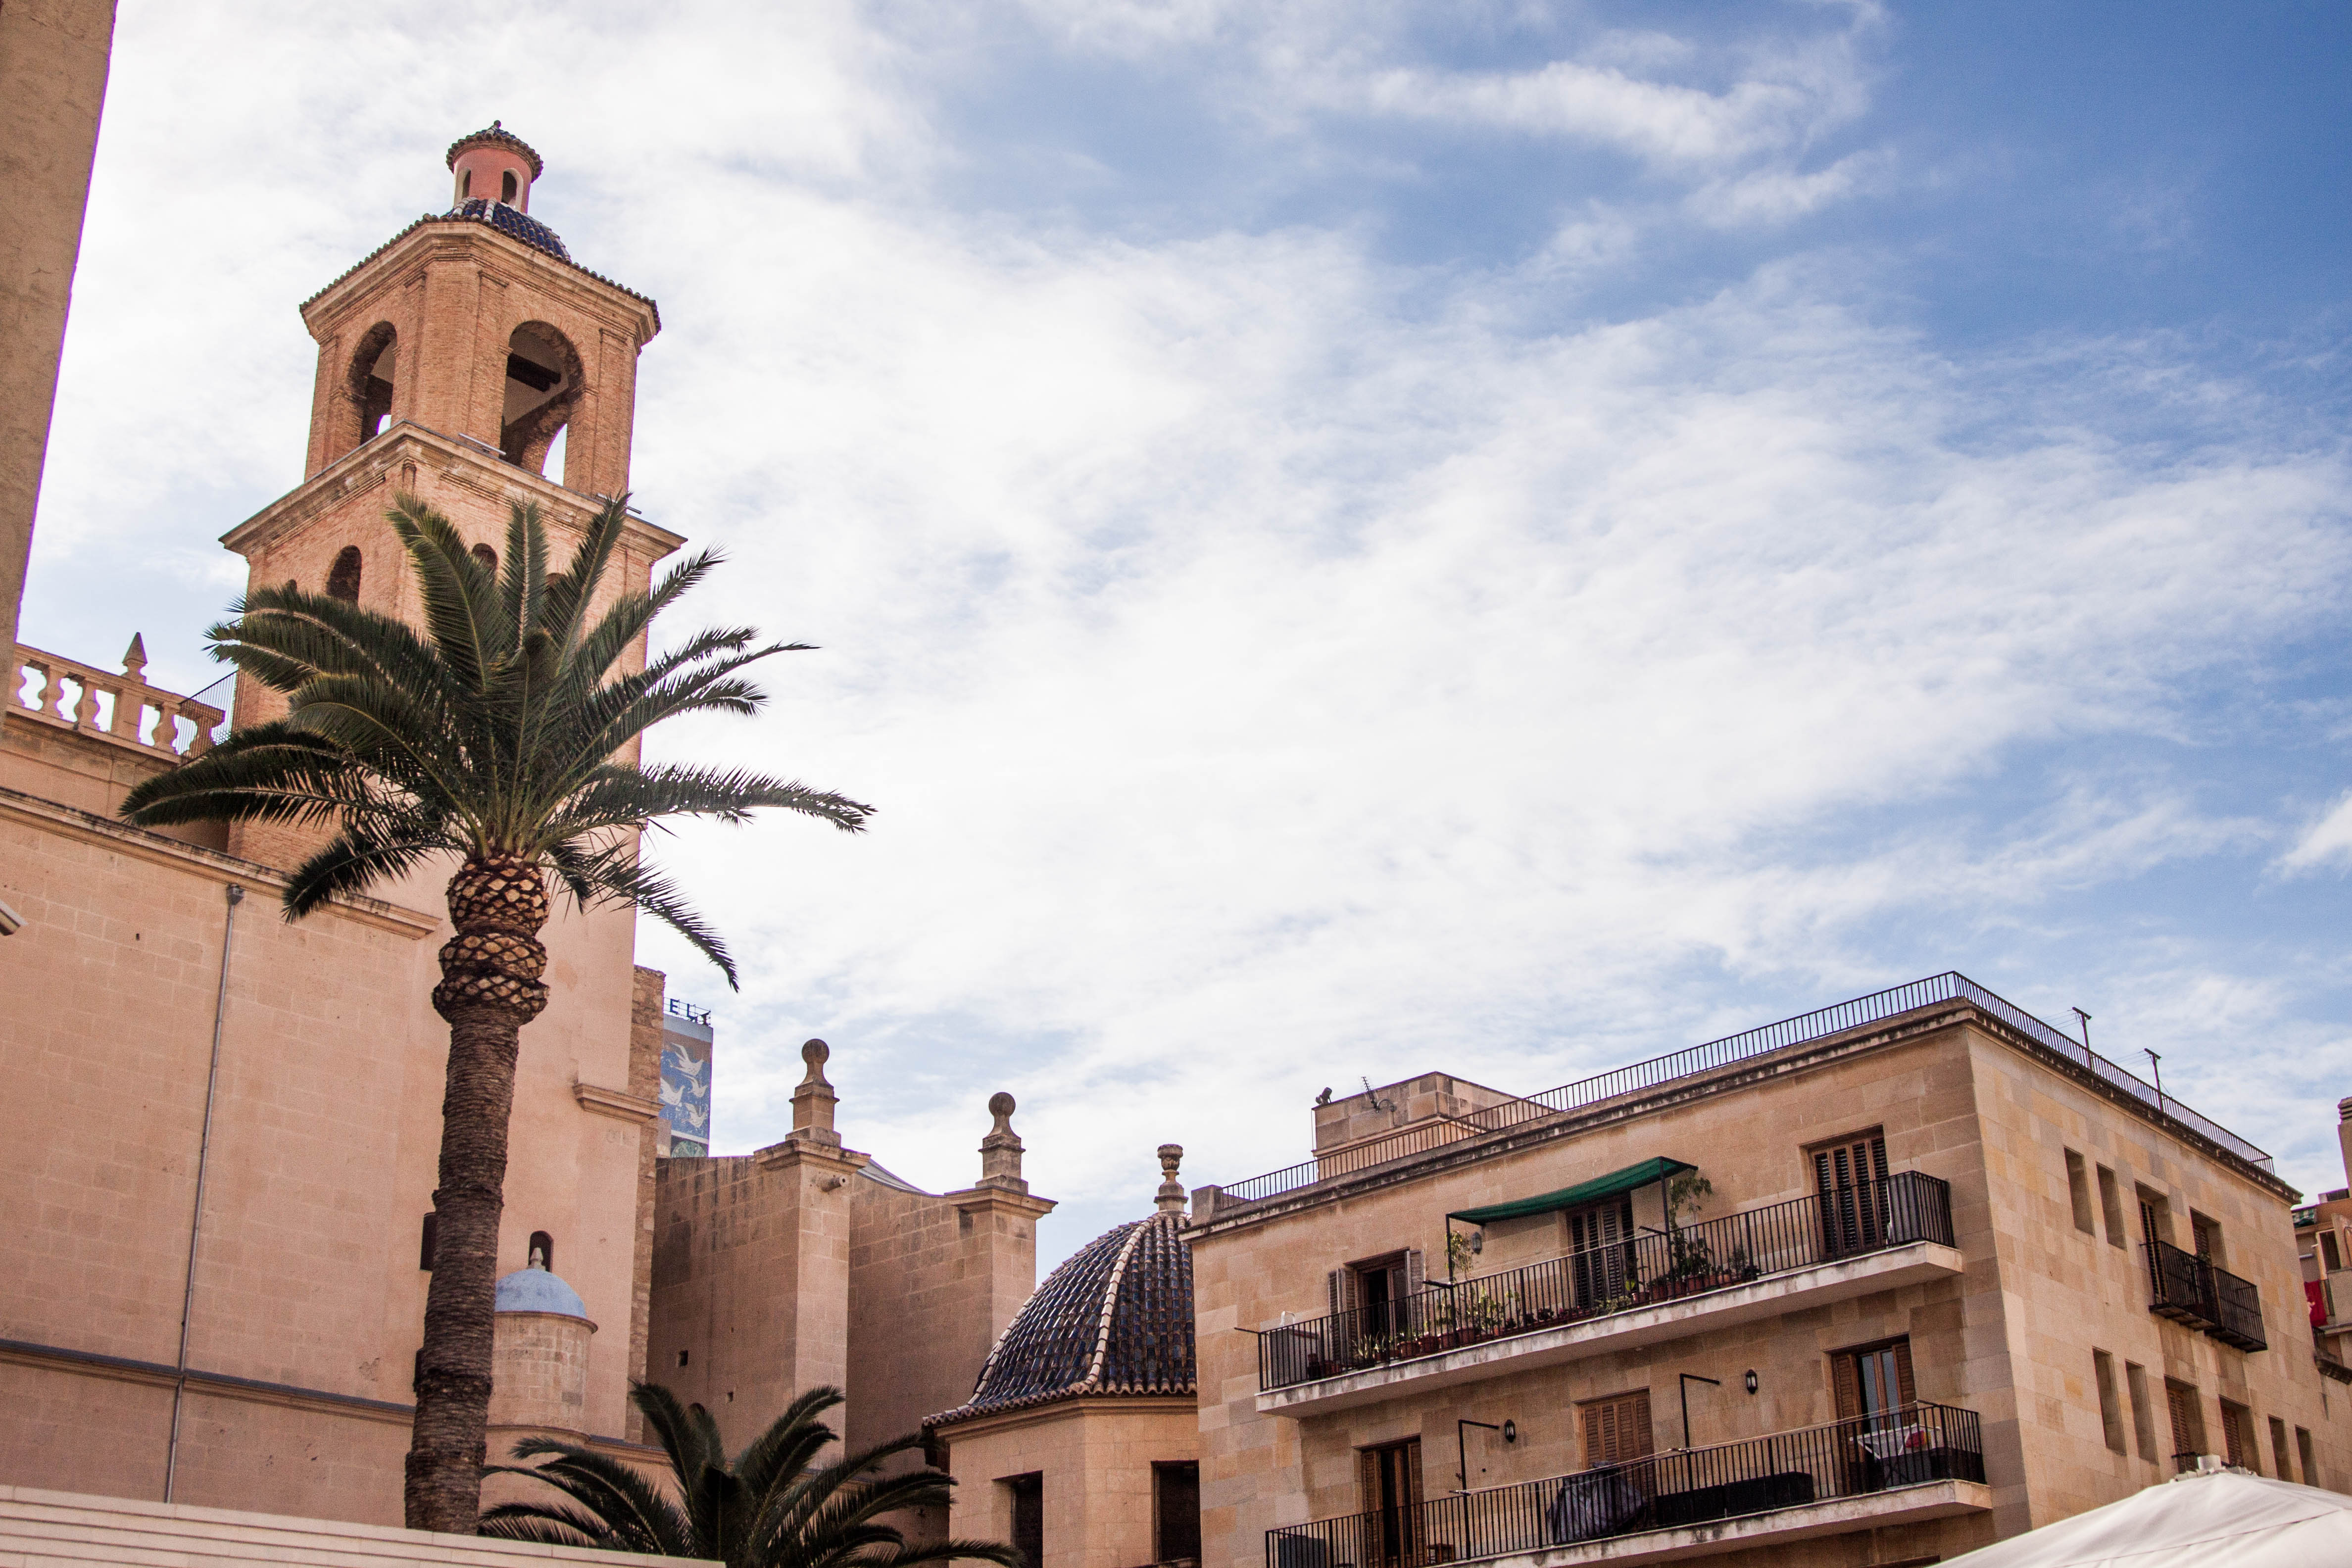 Alicante square